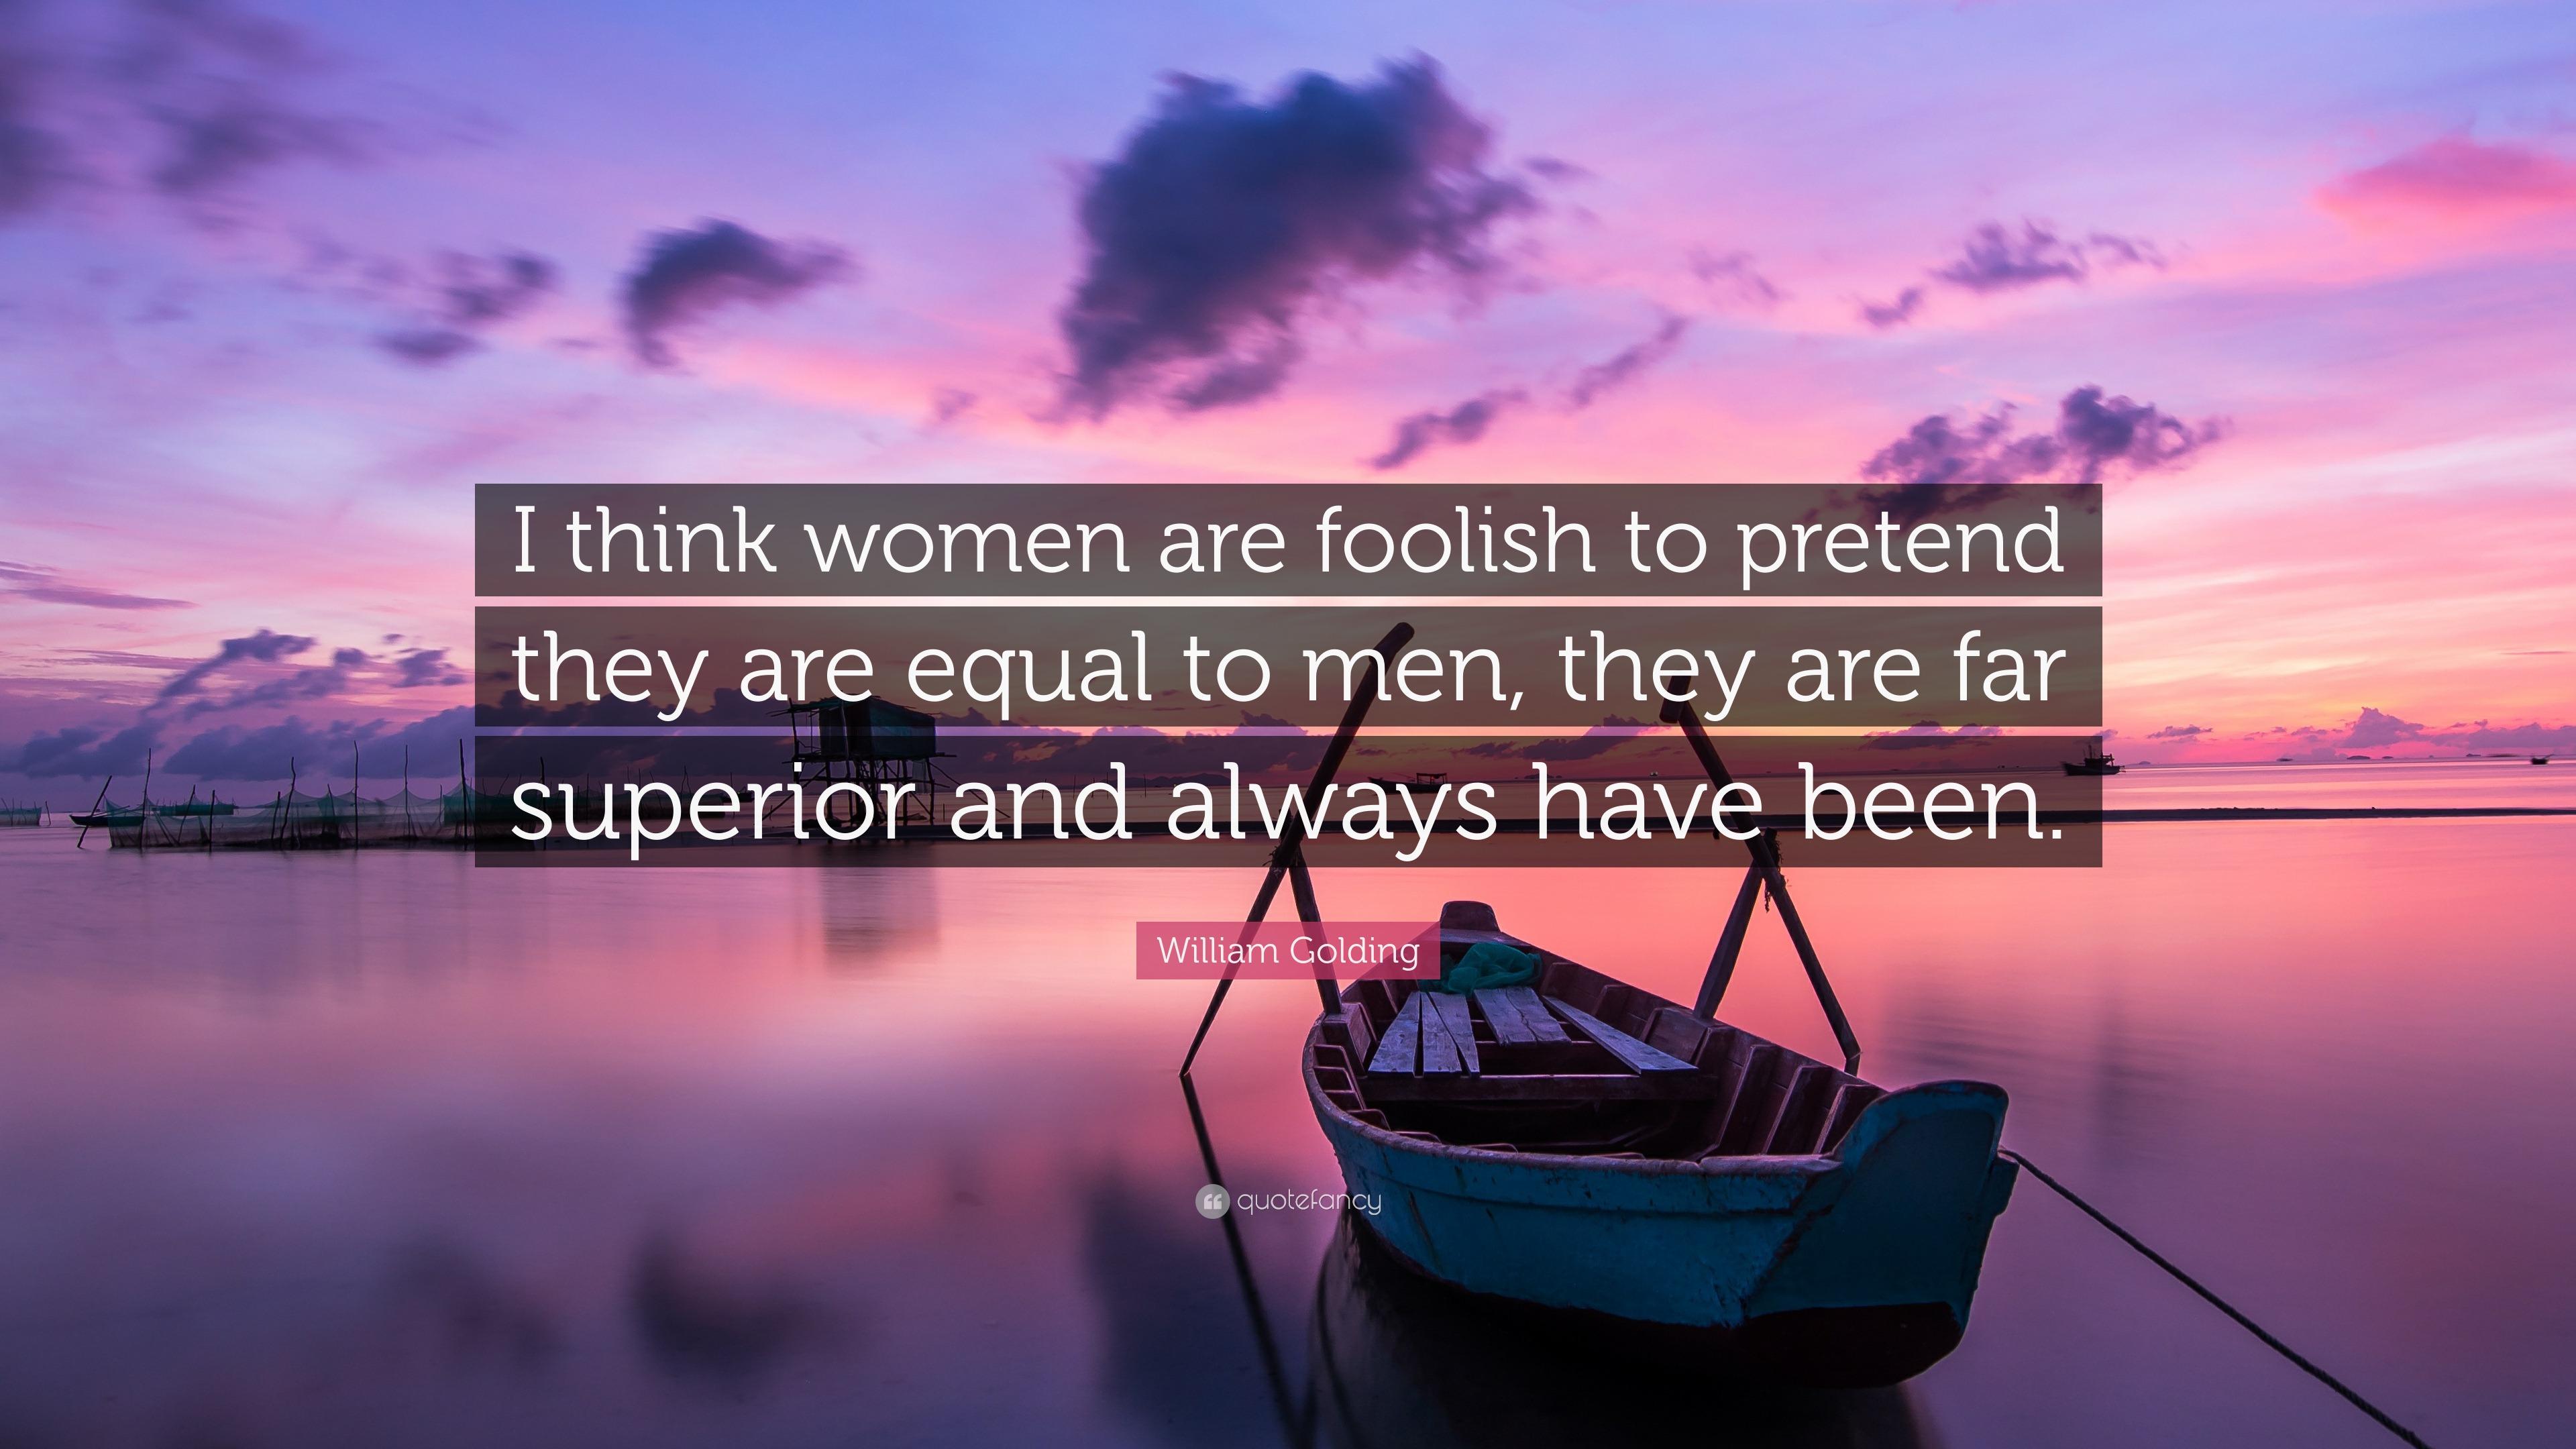 On william women golding William Golding